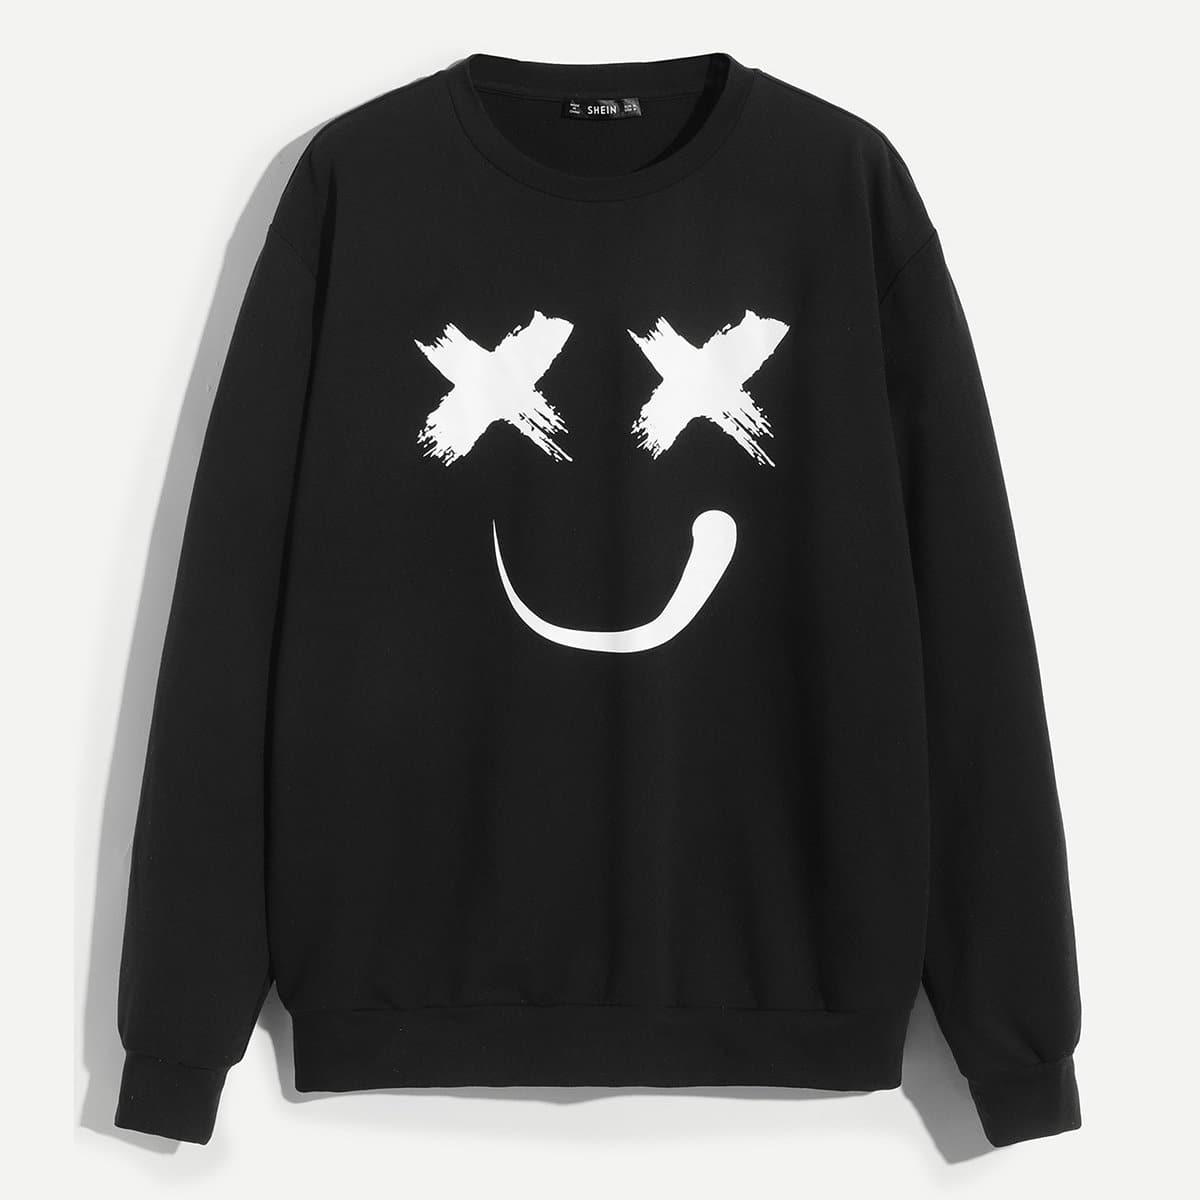 Zwart Casual Spotprent Sweatshirts voor heren